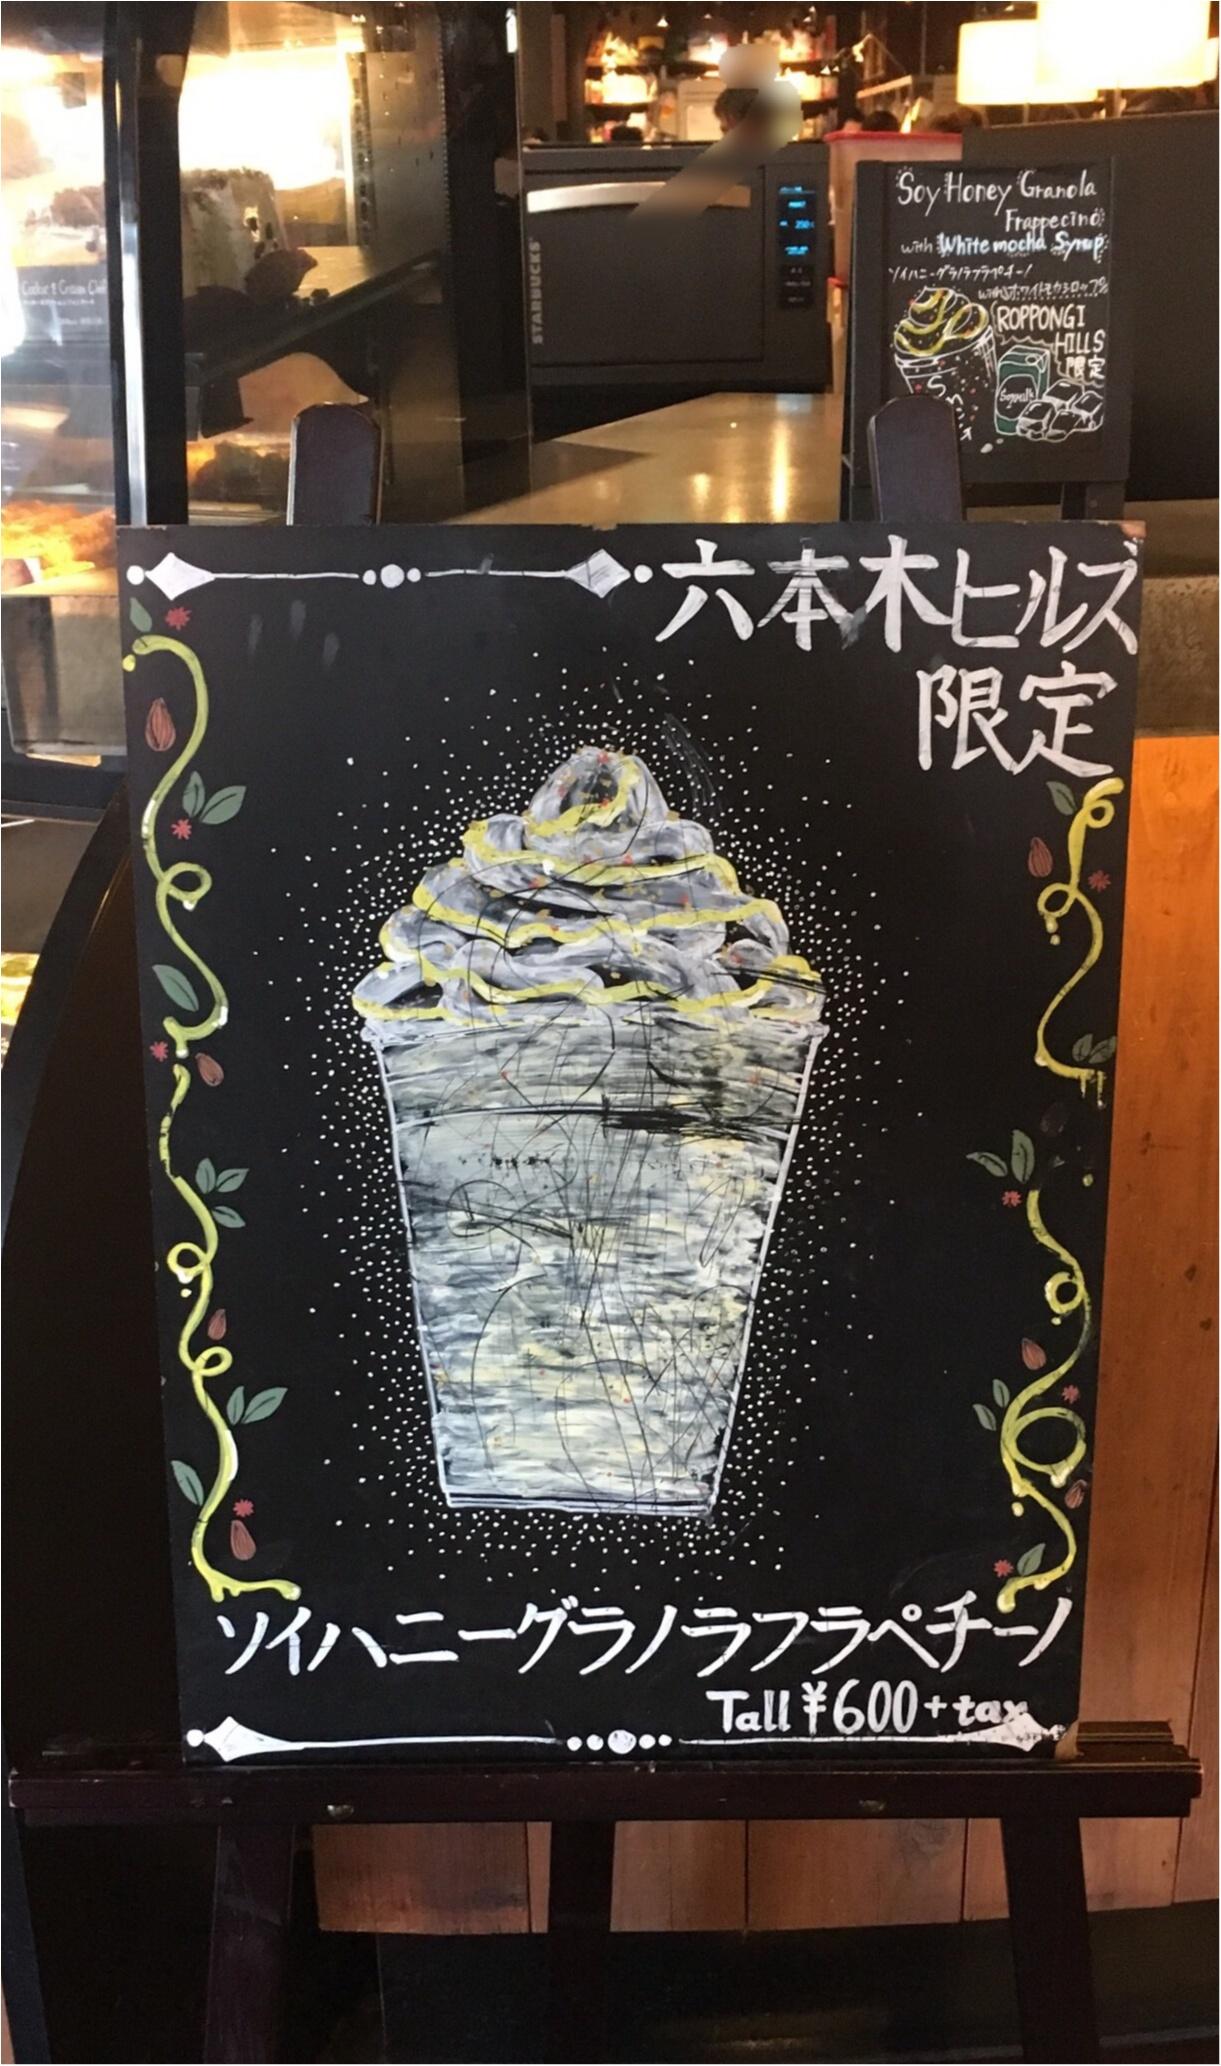 【STARBUCKS】店舗限定&期間限定!ソイハニーグラノラフラペチーノ!_1